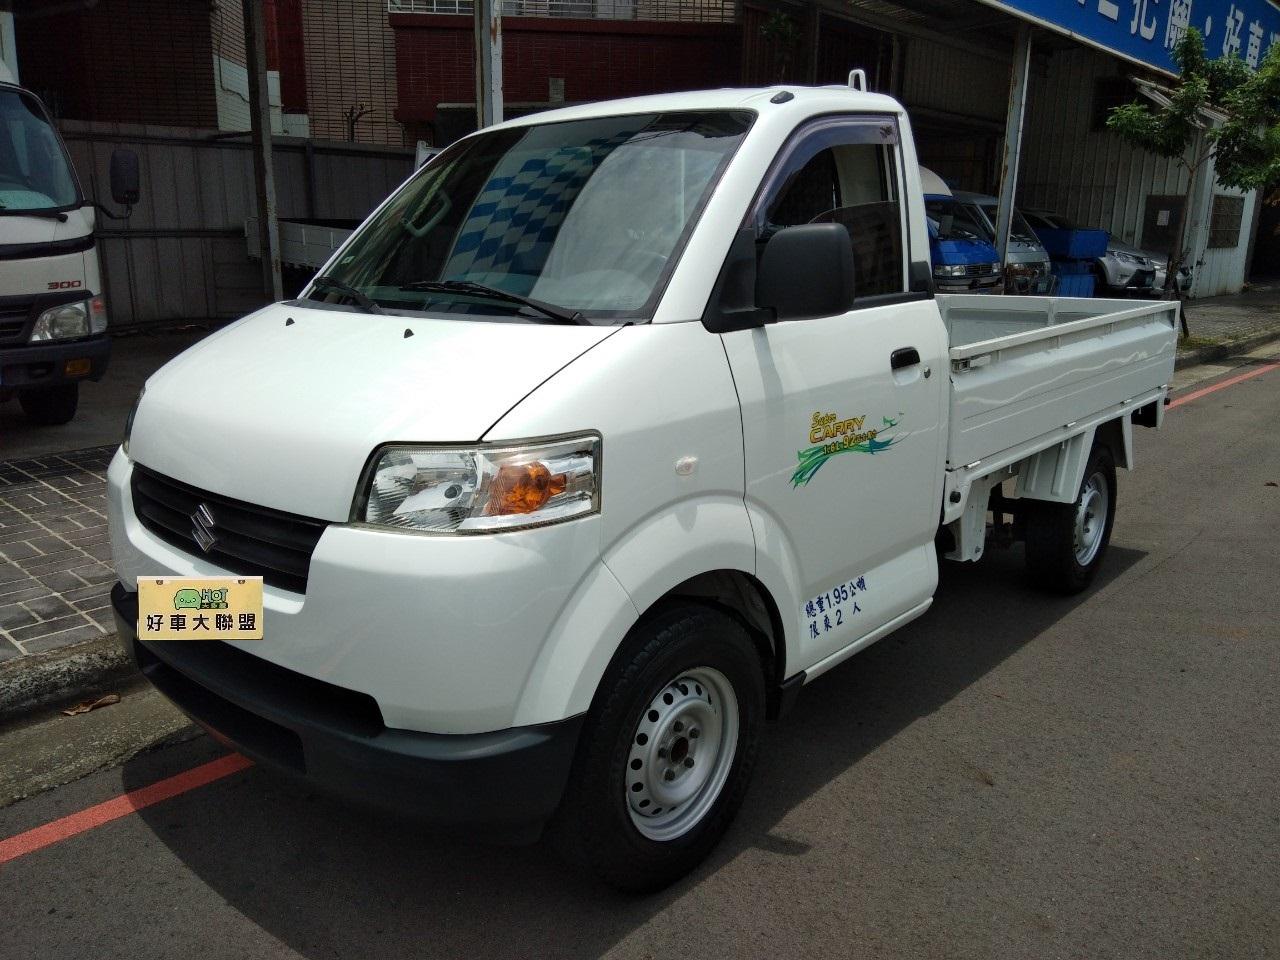 2013 Suzuki 鈴木 Super carry